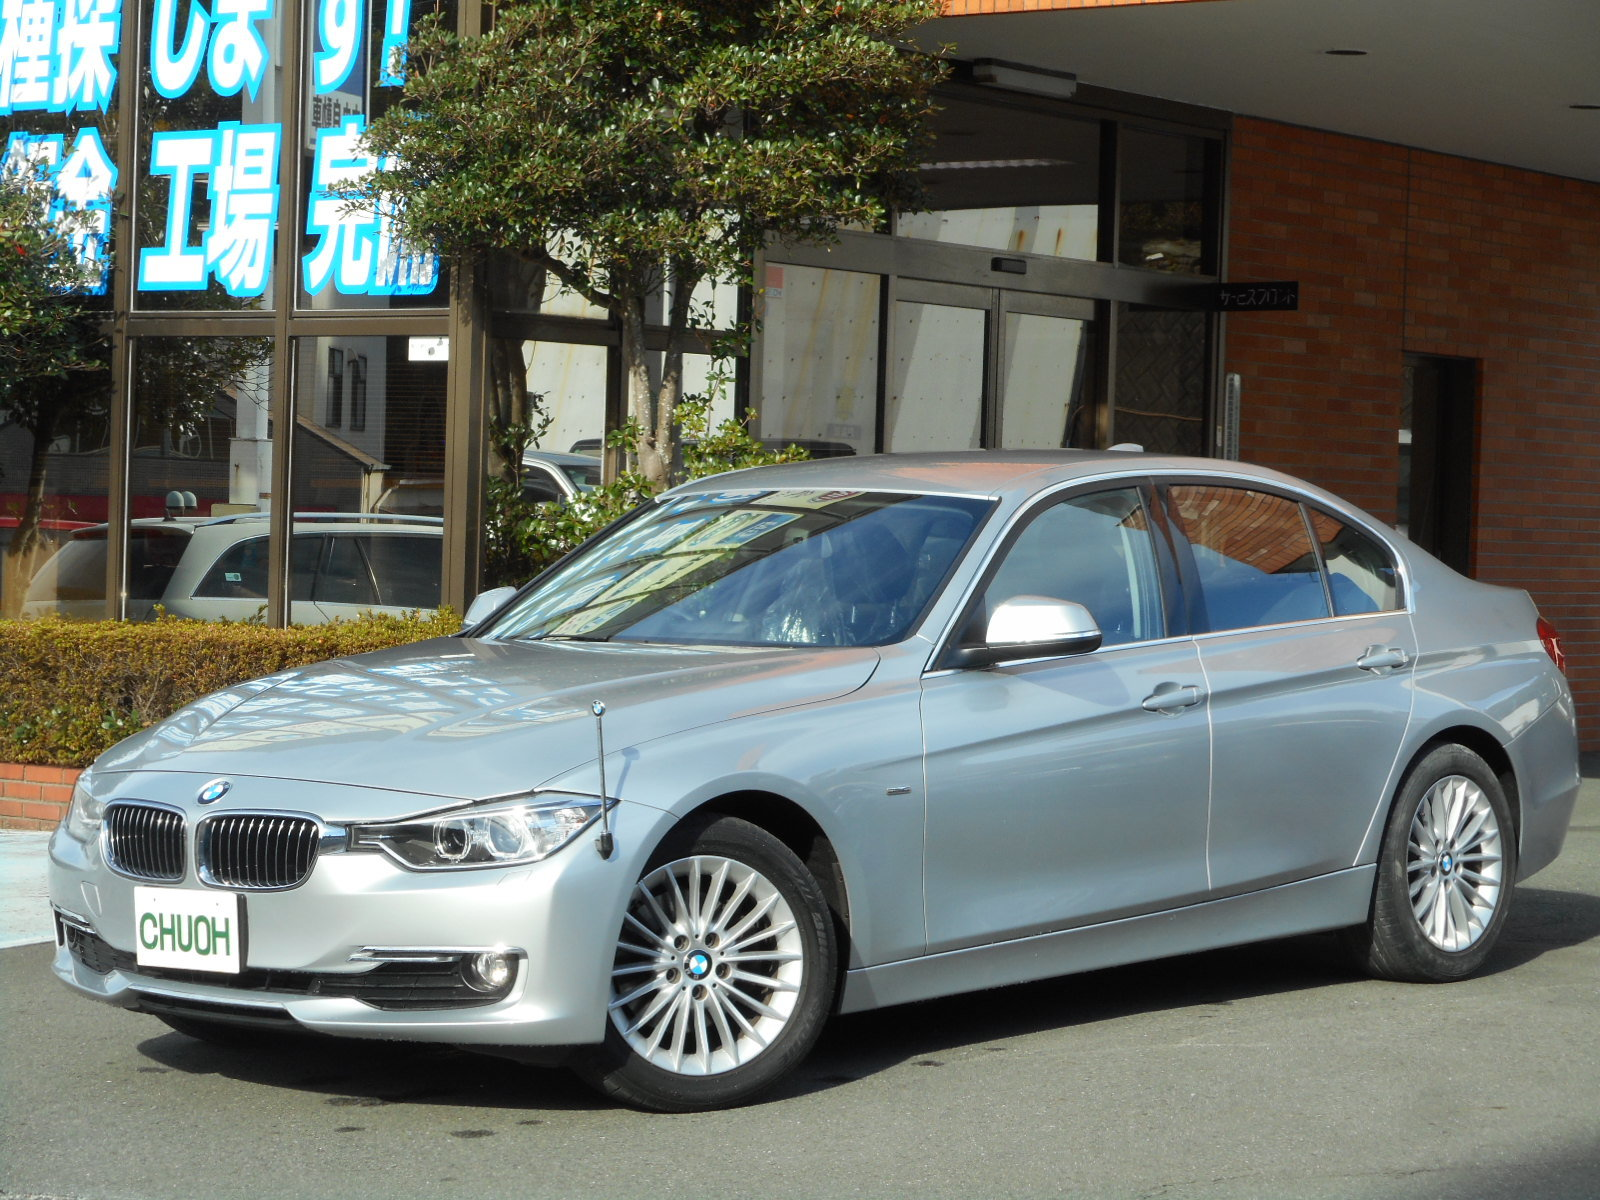 広告掲載車:BMW320d_c0267693_10065348.jpg